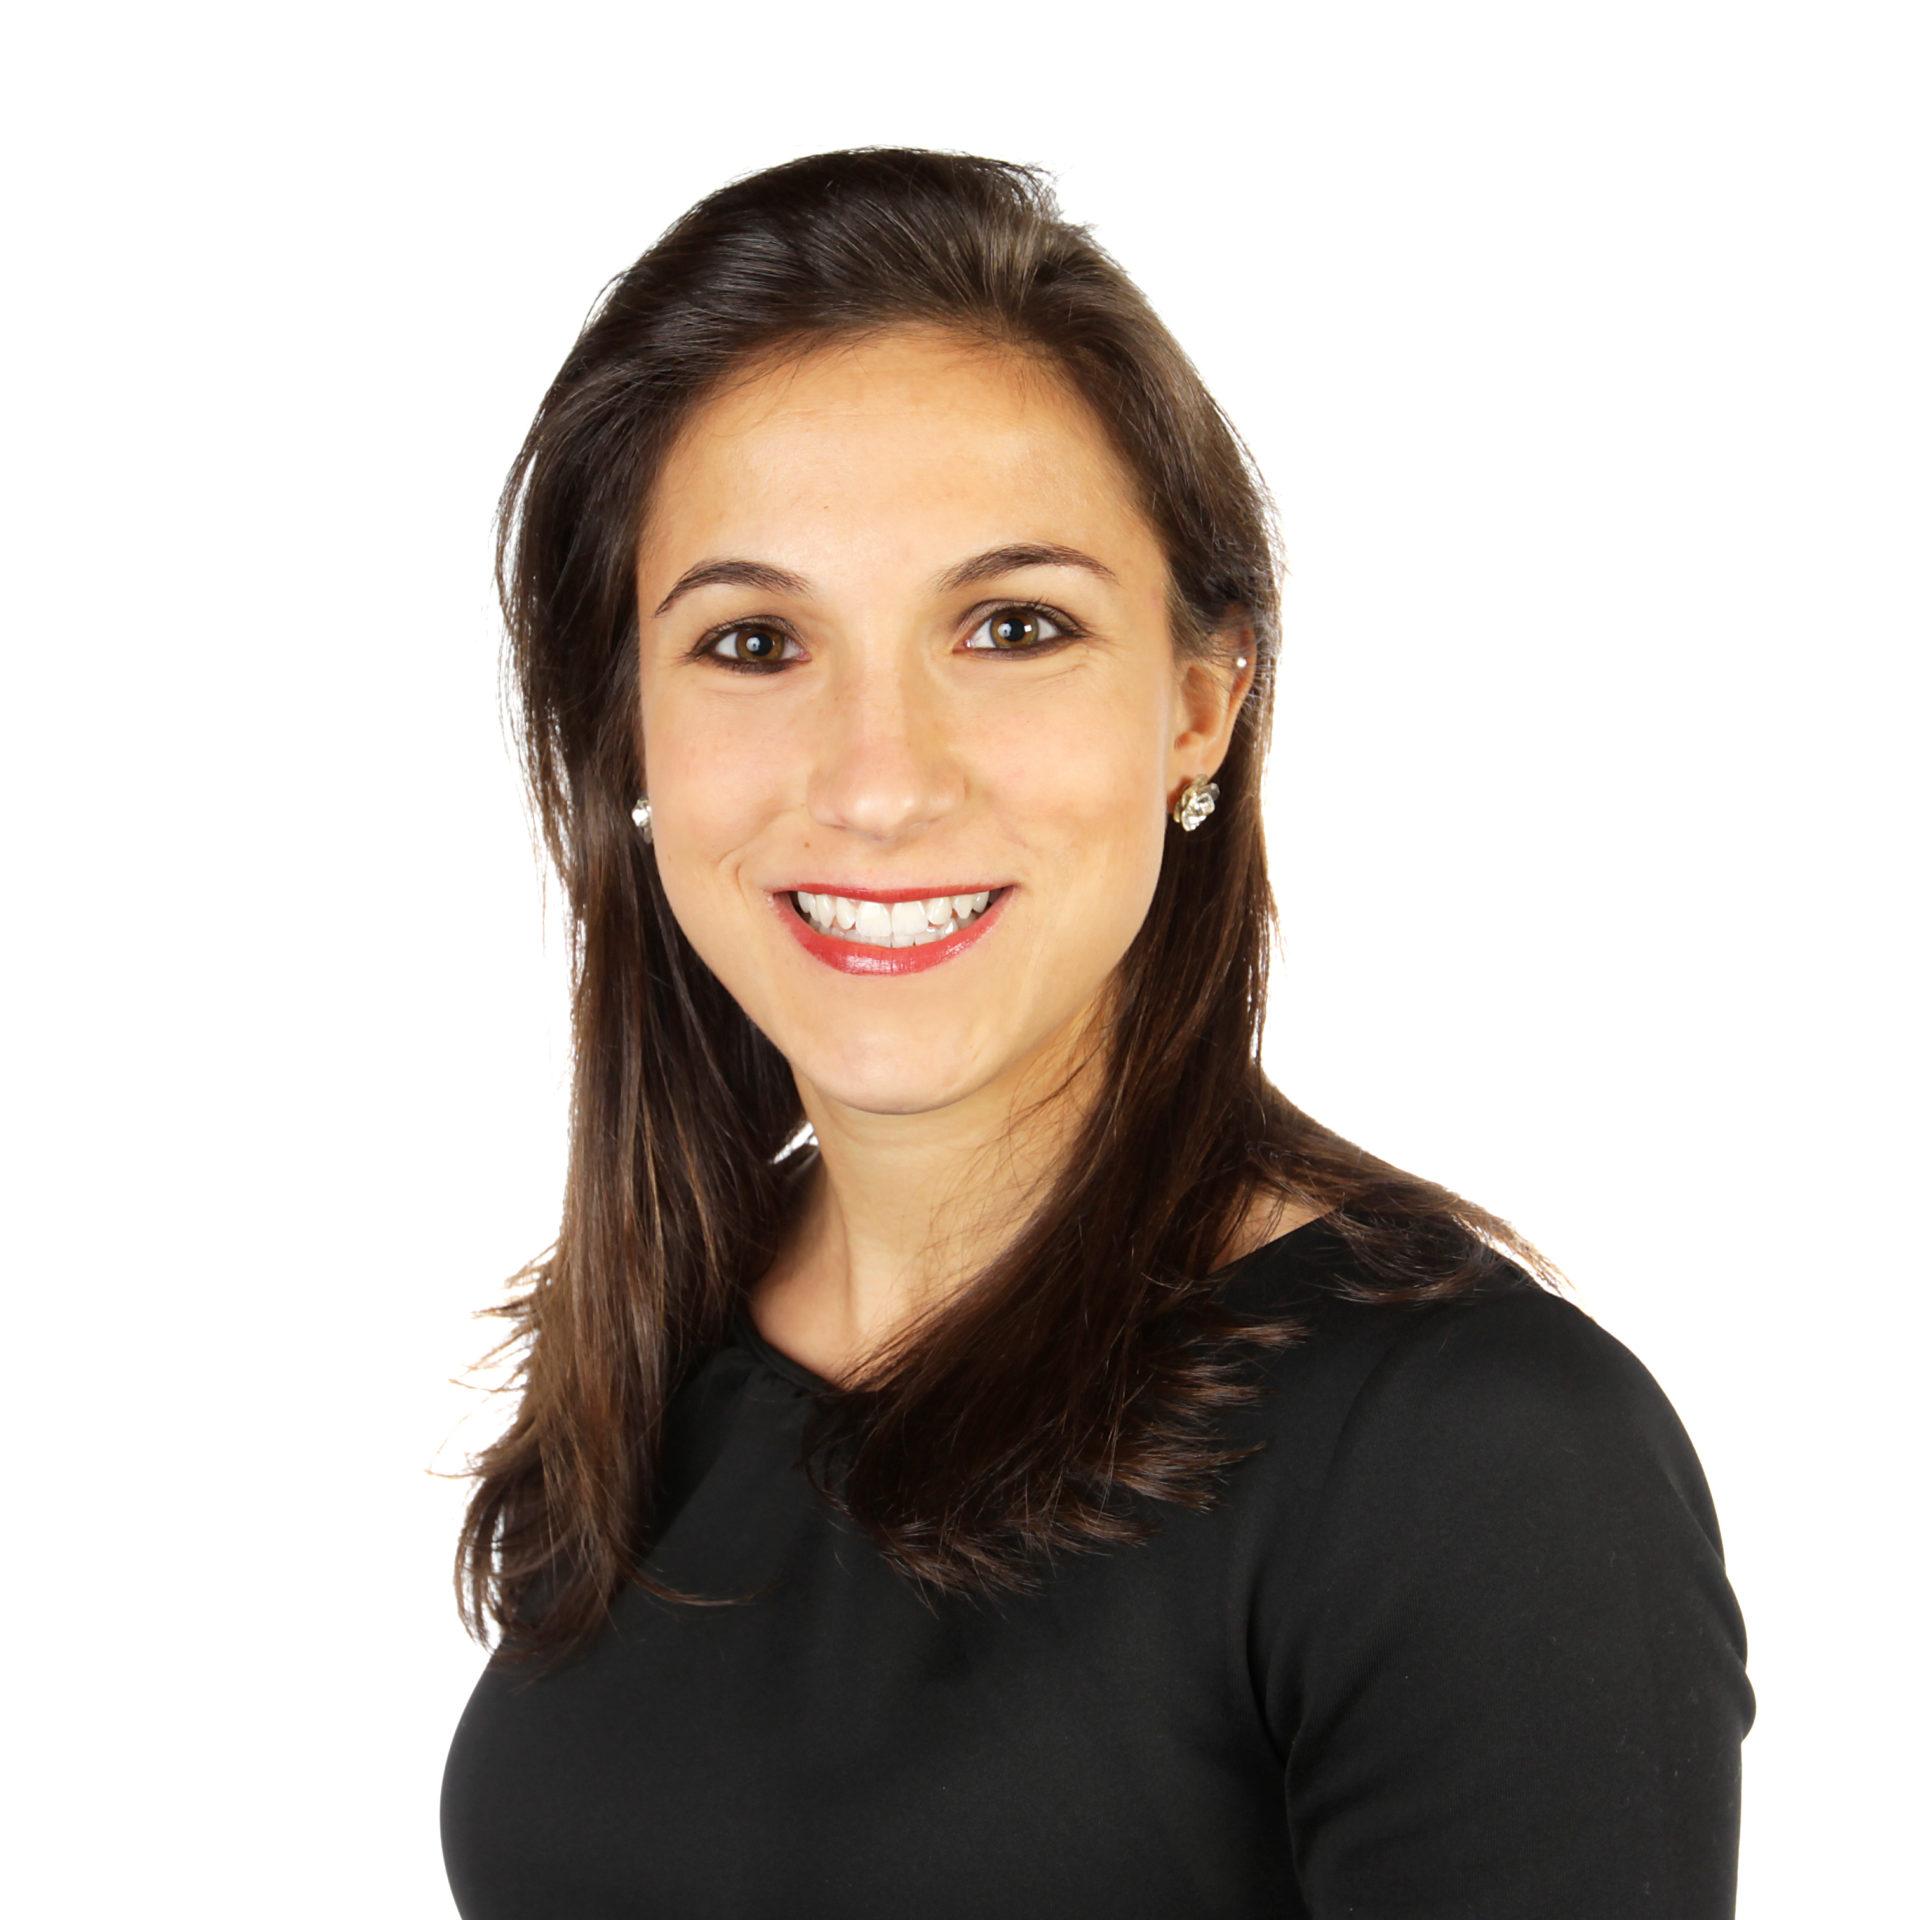 Victoria Sakal